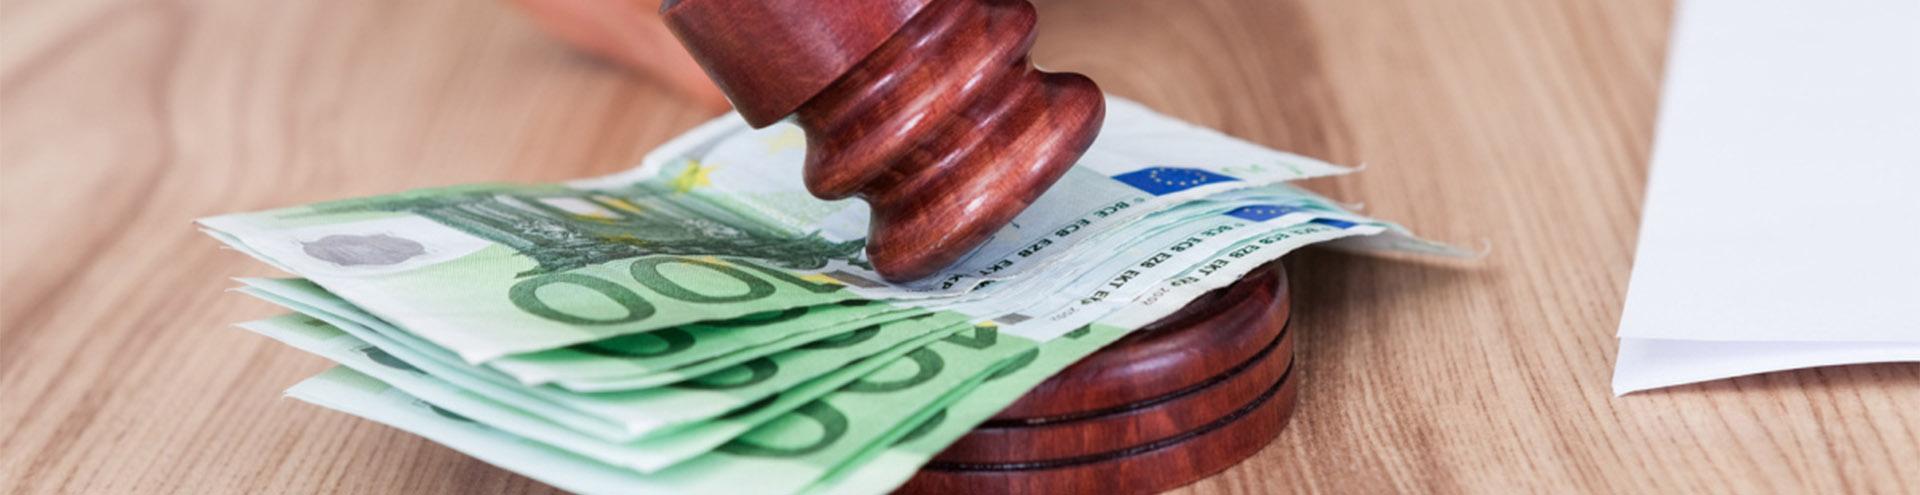 судебные расходы в Самаре